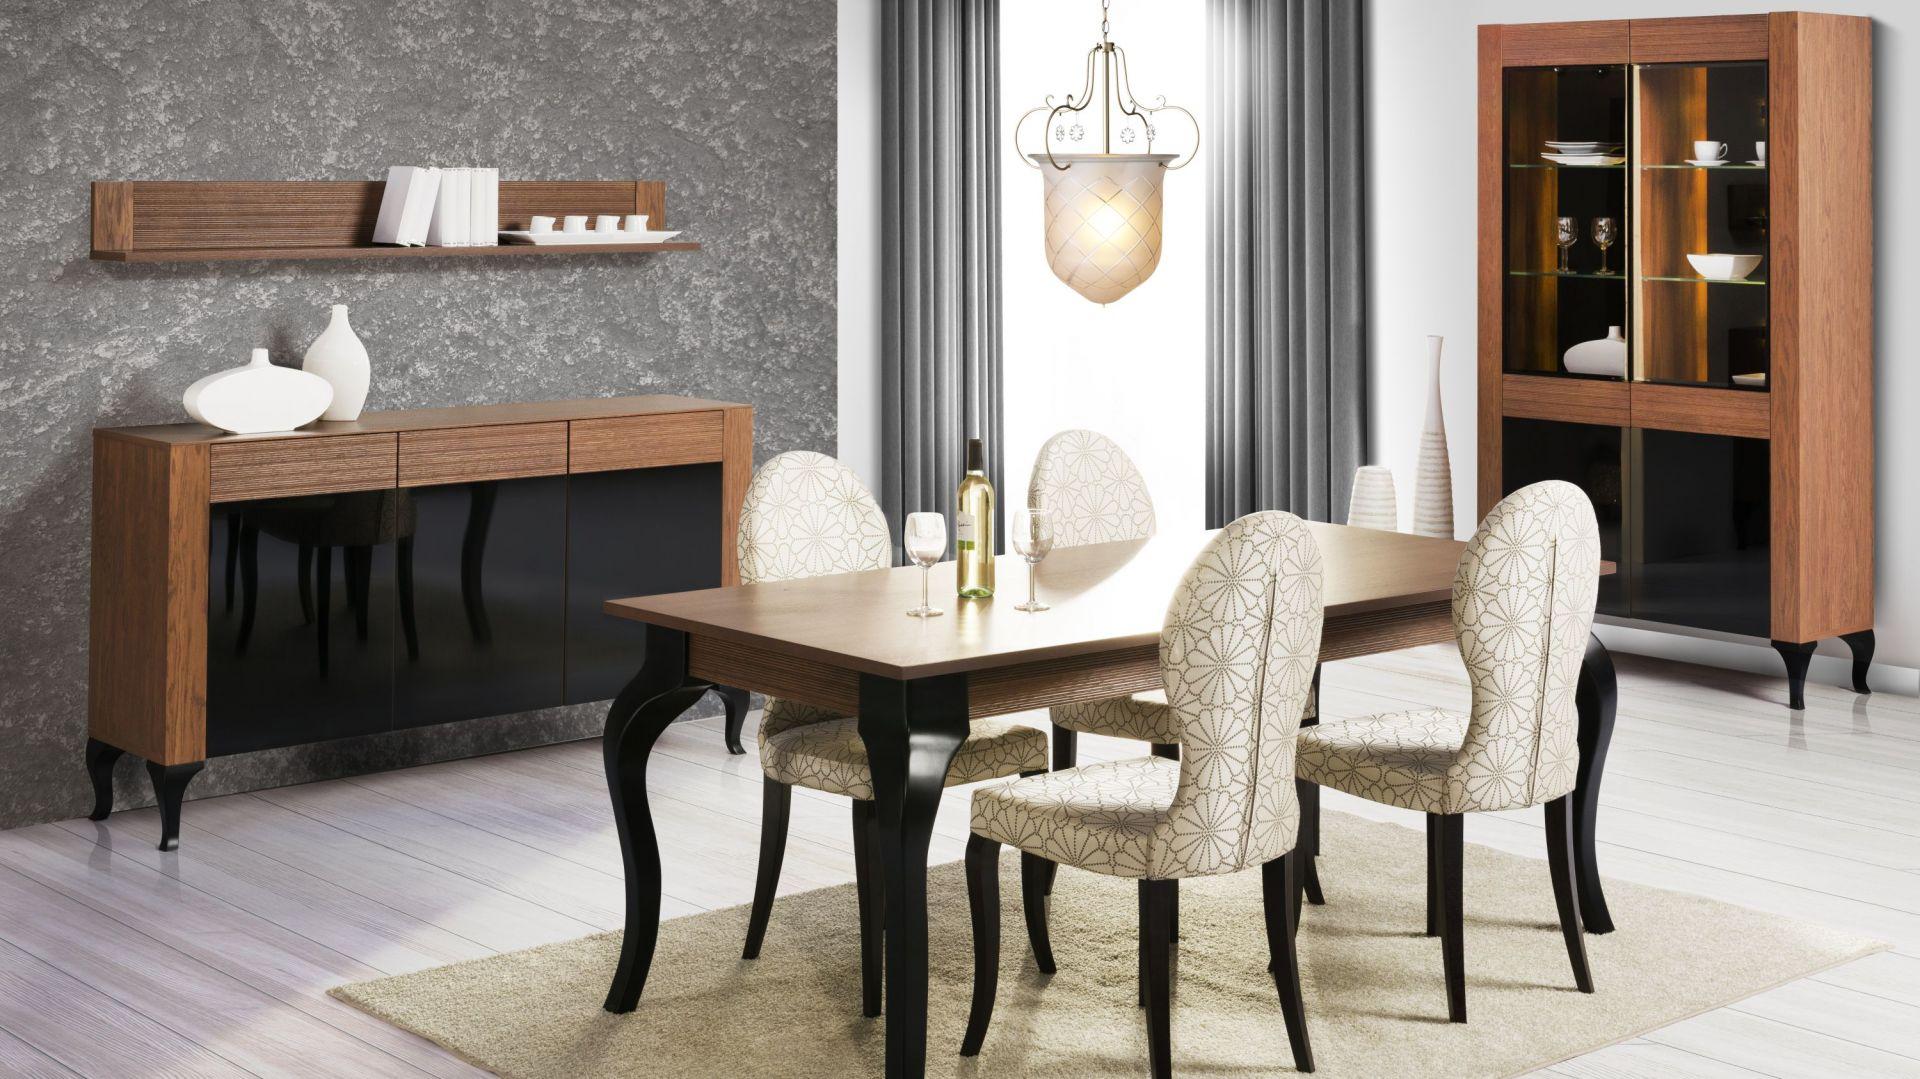 Jadalnia Alcamo łączy w sobie elegancję z funkcjonalnością. Stylowe nogi stołu dodają kolekcji charakteru. Fot. Szynaka Meble